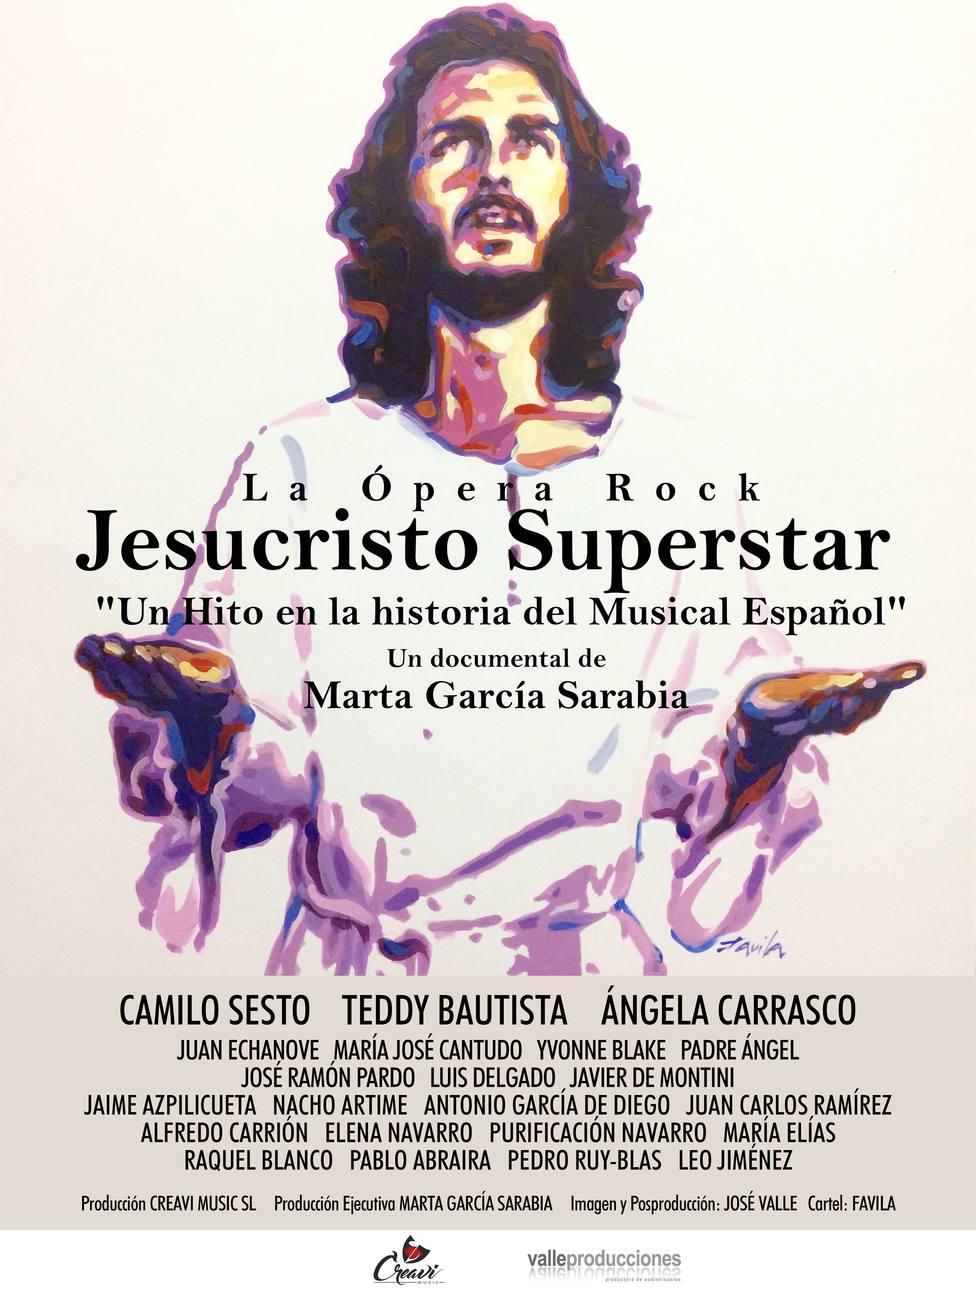 Cines de 5 provincias recordarán a Camilo Sesto con el reestreno del documental sobre el musical Jesucristo Superstar